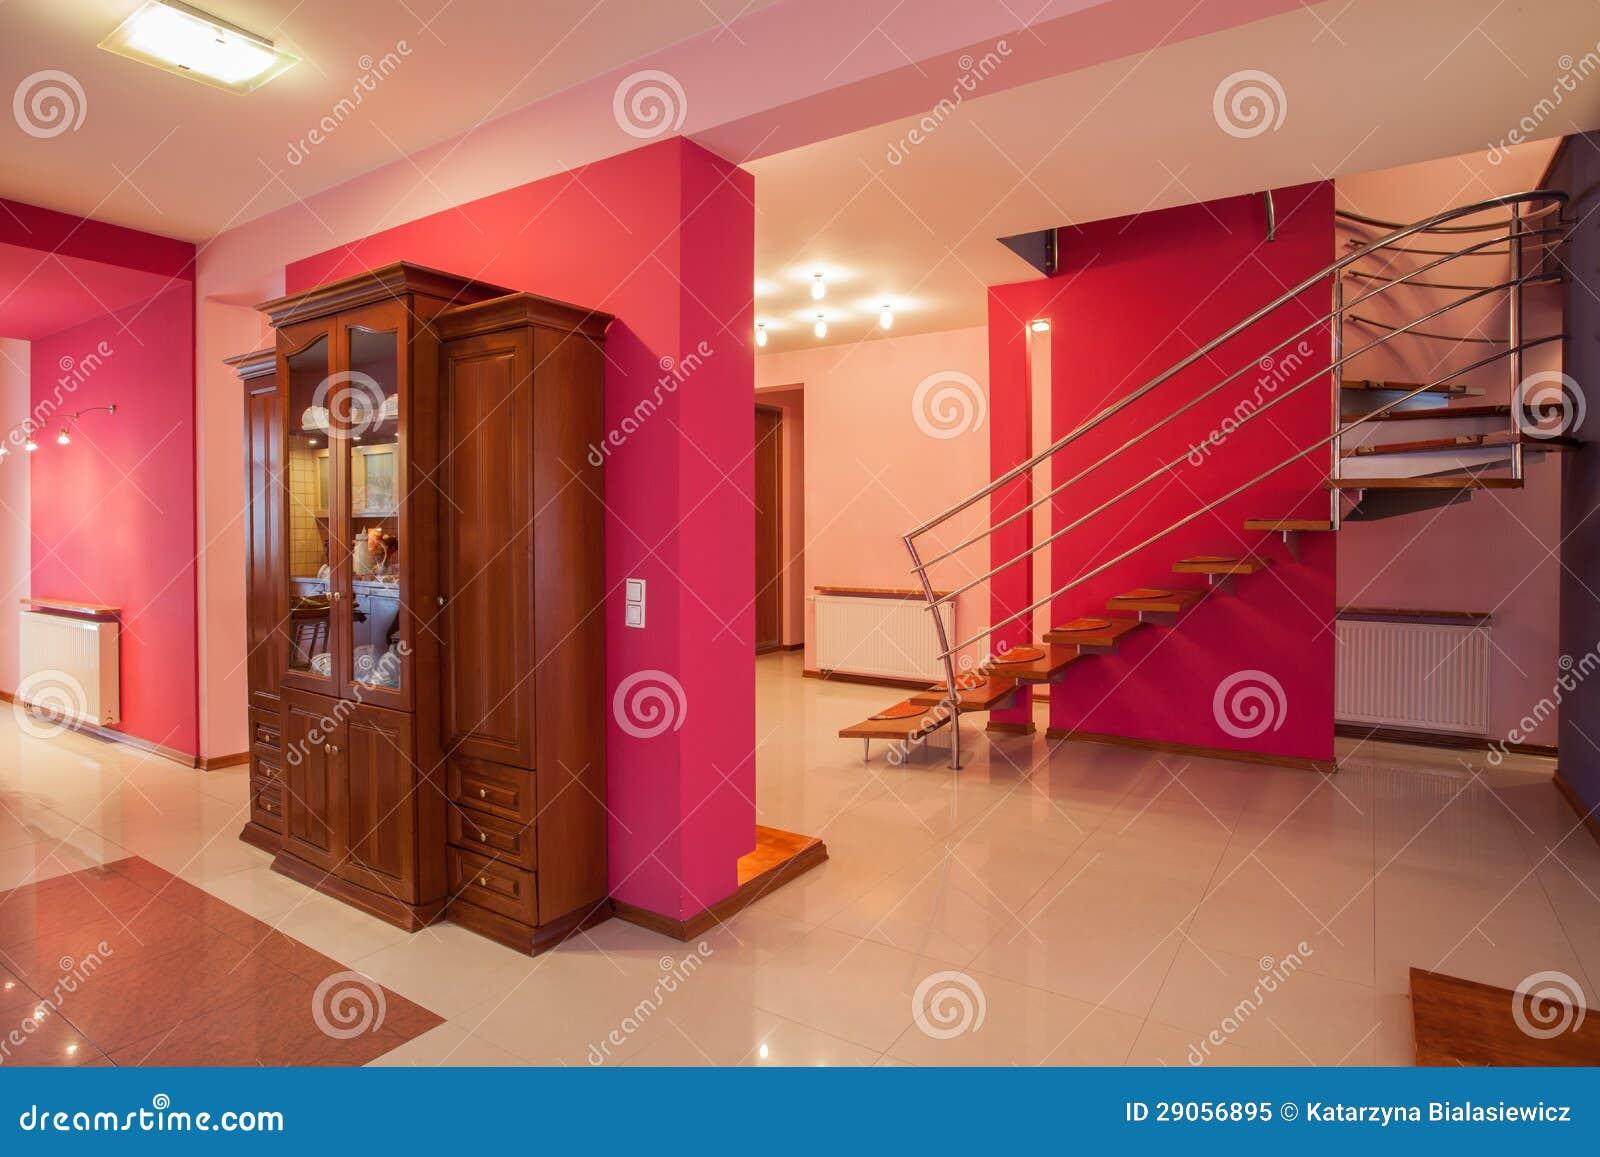 Casa do amaranto - interior colorido